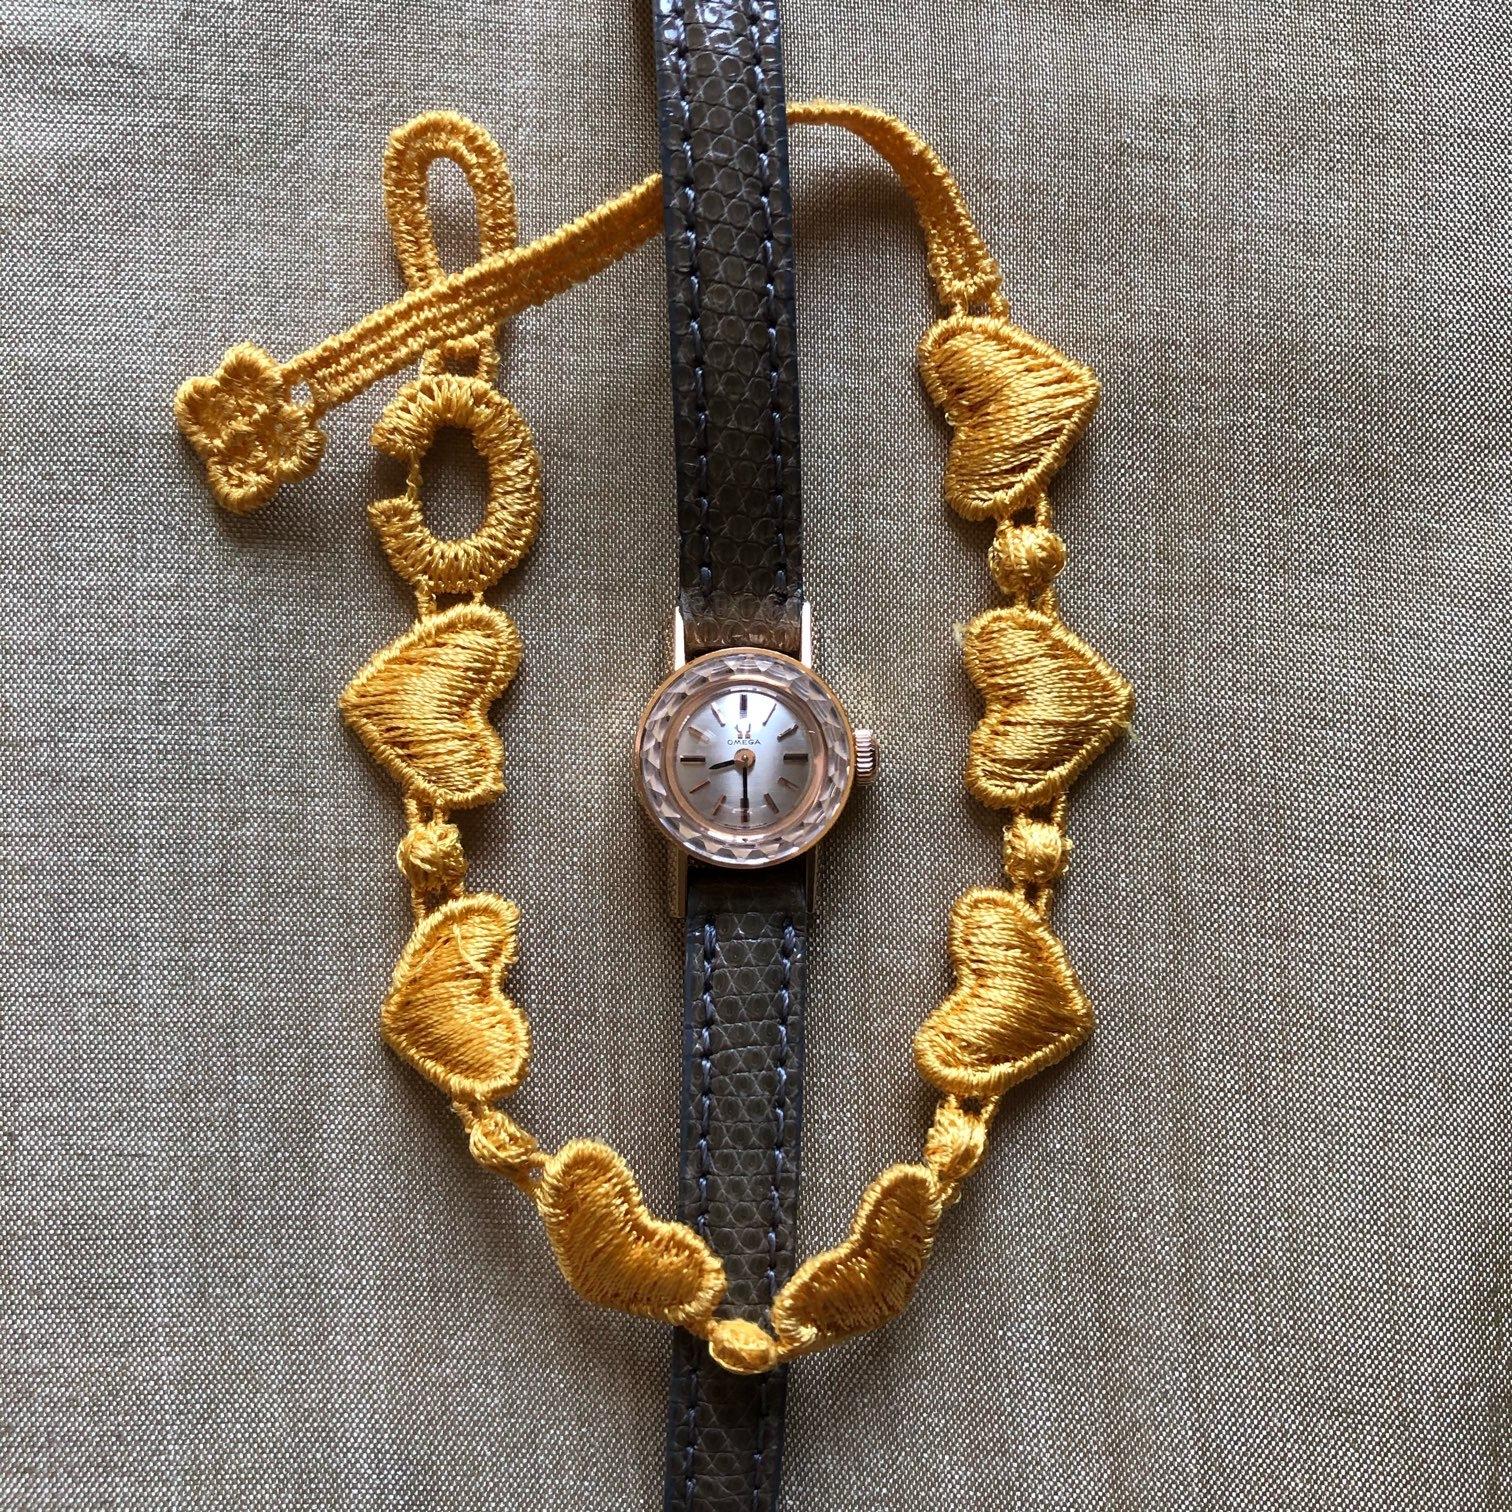 腕時計 アンティークのオメガ